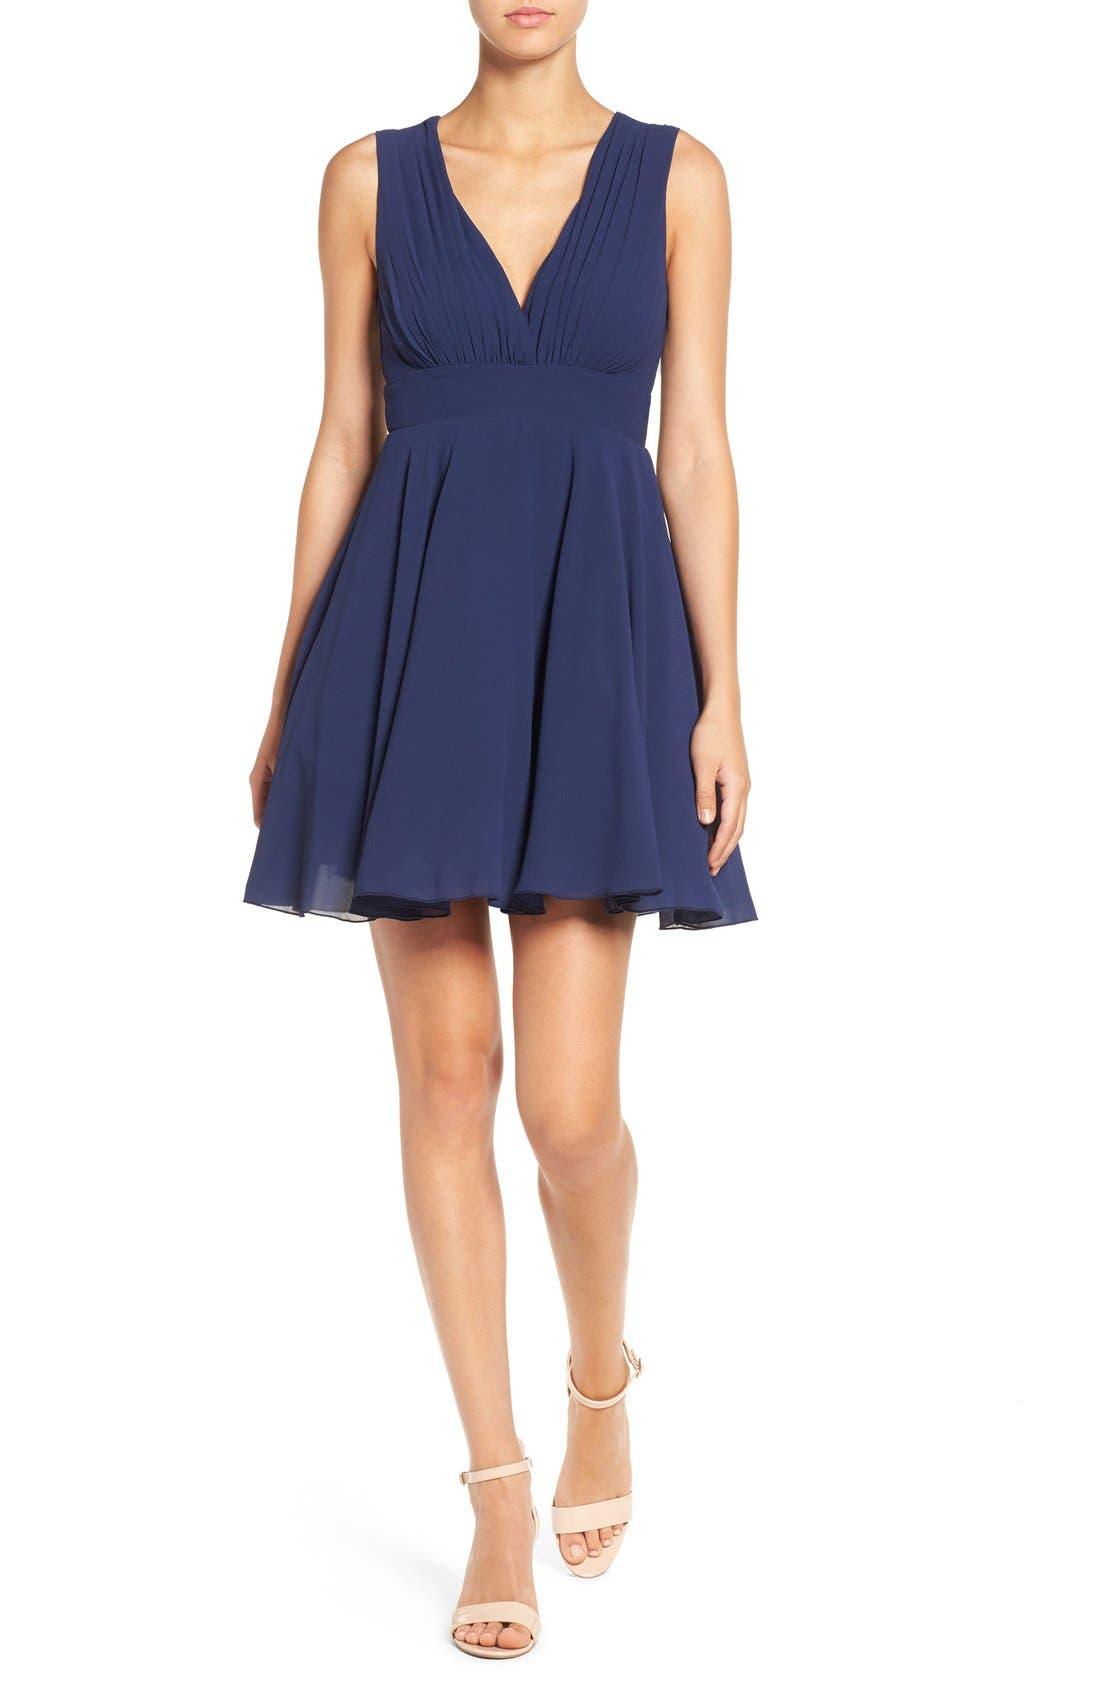 Alternate Image 1 Selected - TFNC V-Neck Fit & Flare Dress